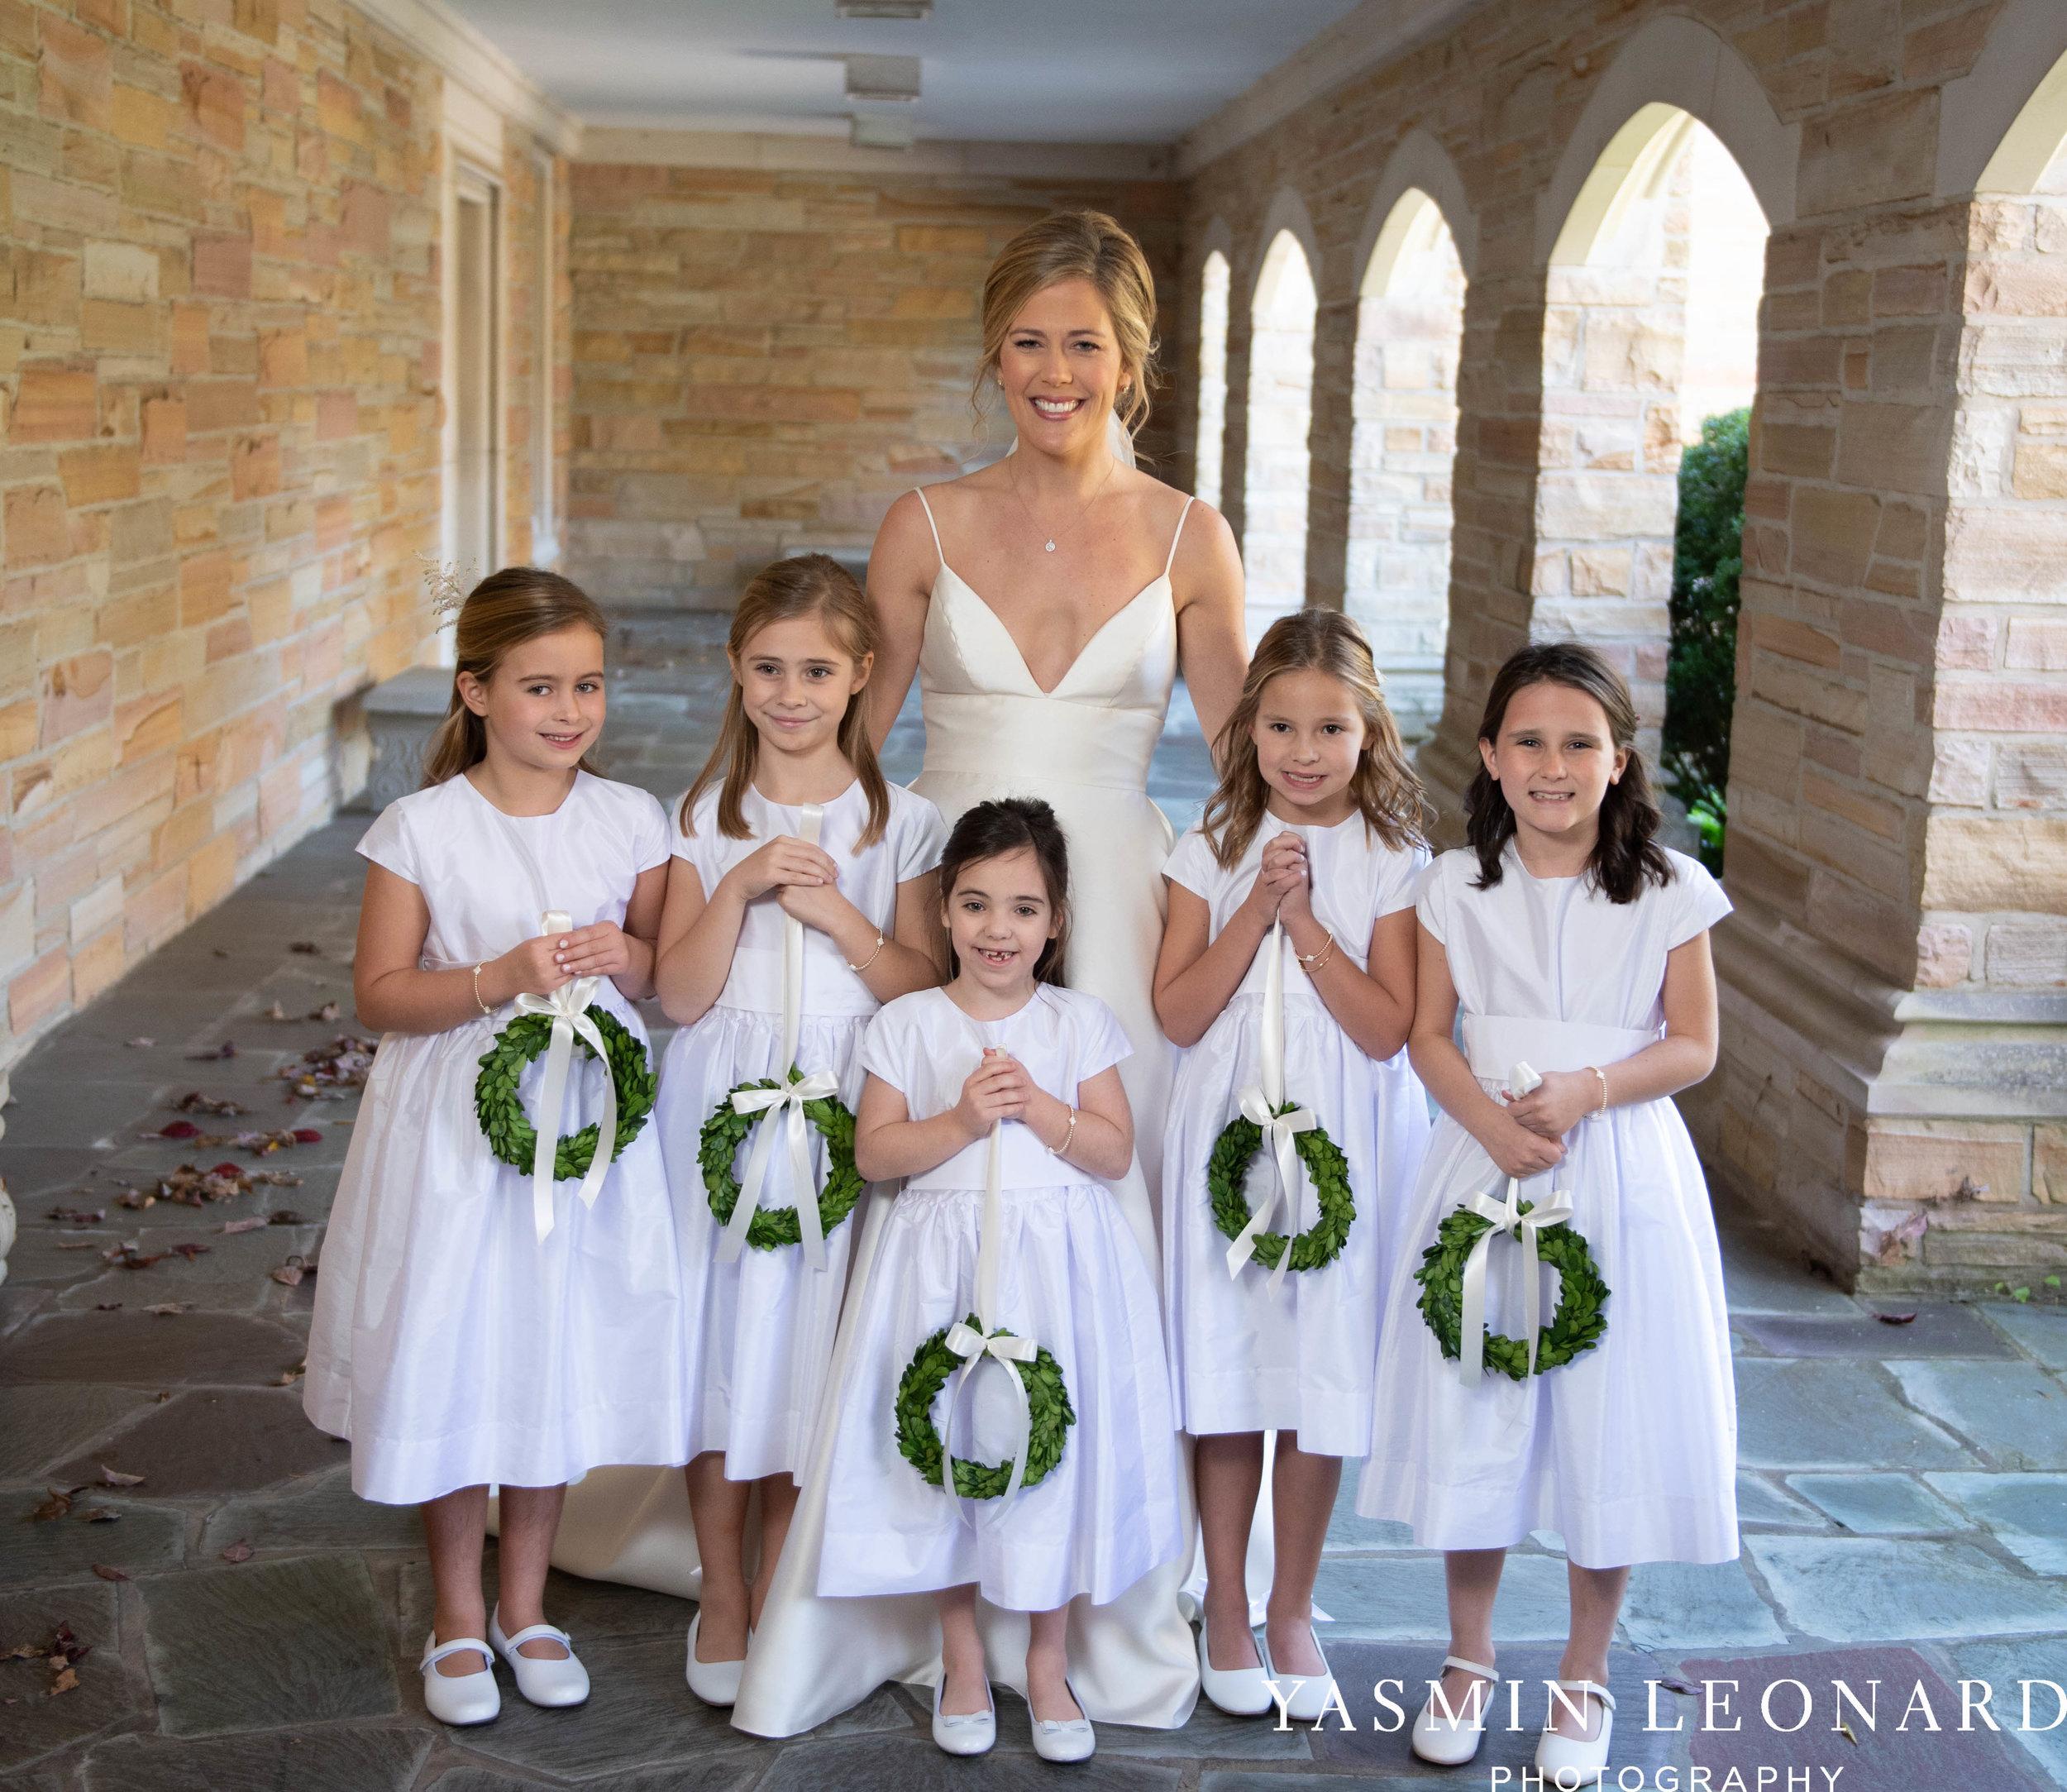 Wesley Memorial United Methodist Church - EmeryWood - High Point Weddings - High Point Wedding Photographer - NC Wedding Photographer - Yasmin Leonard Photography-13.jpg